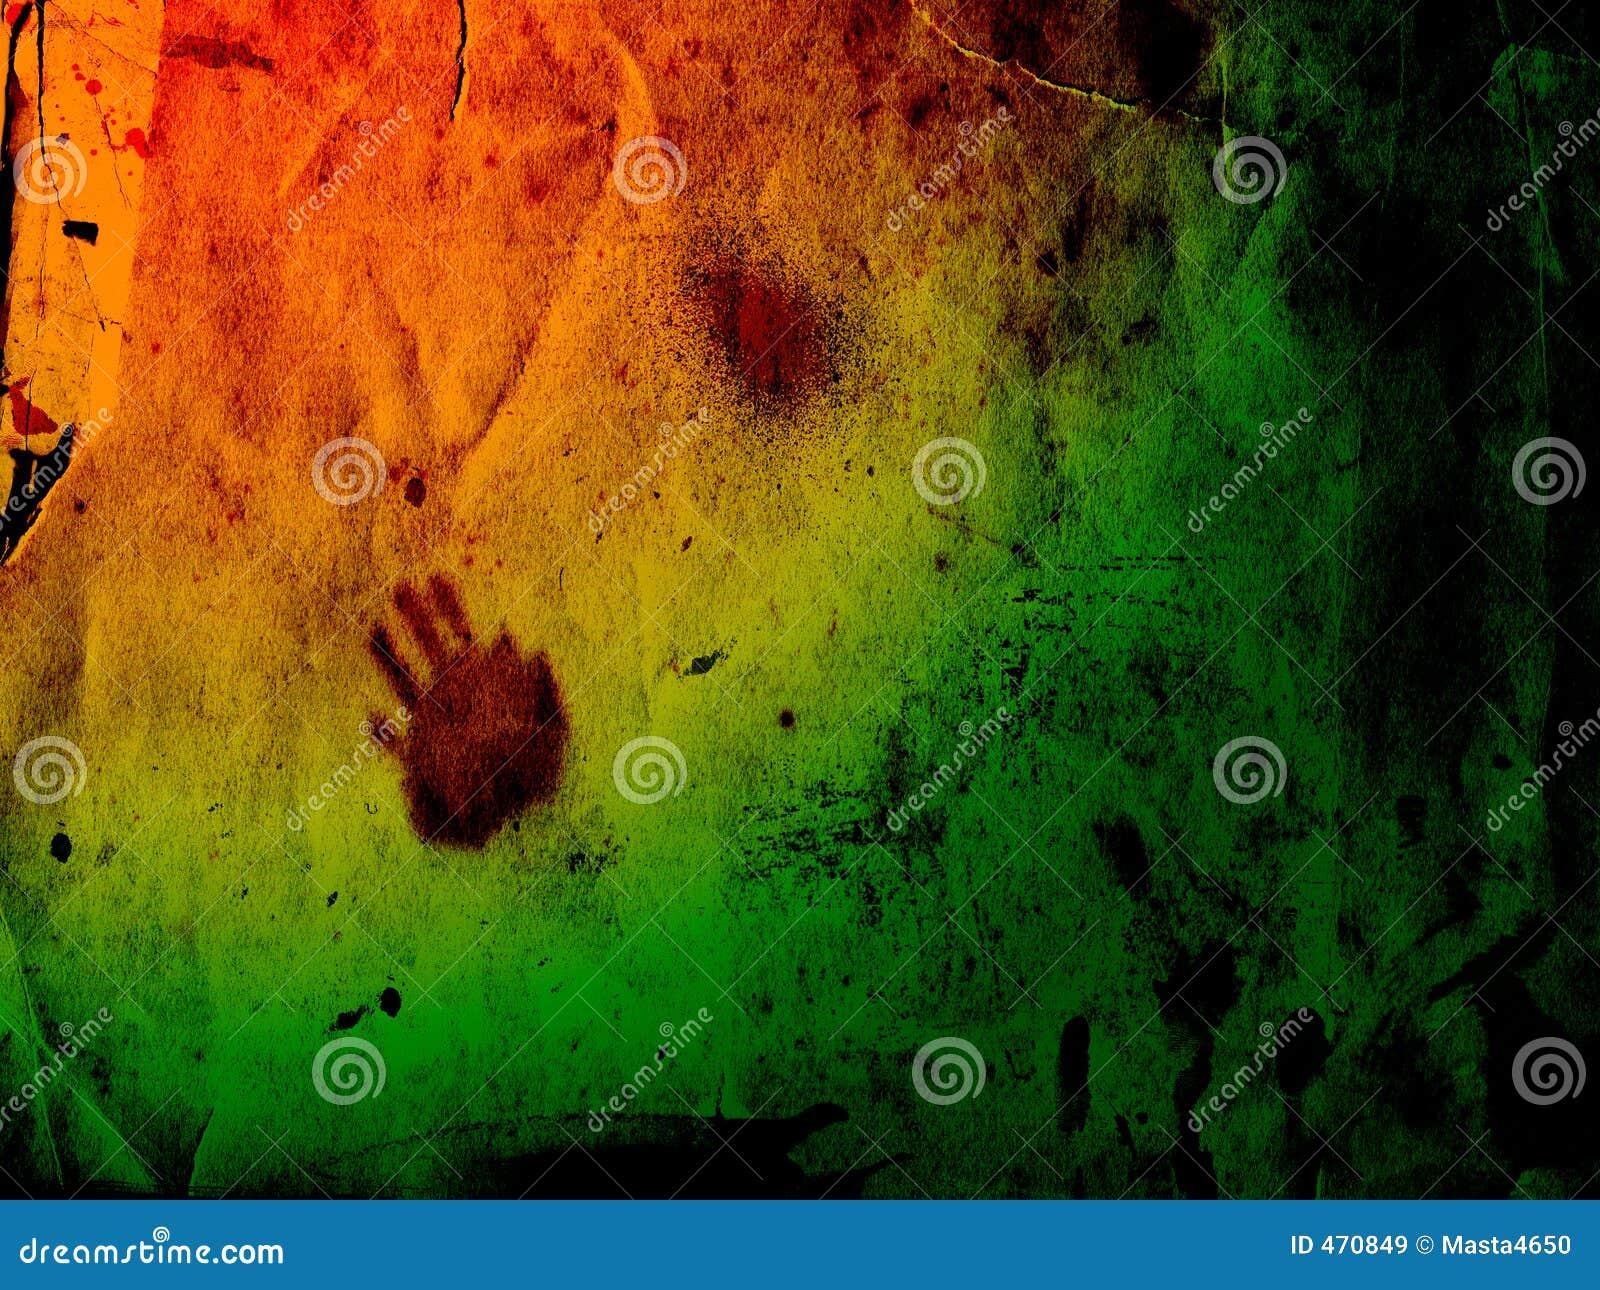 Download Grunge Background v2 stock illustration. Illustration of burst - 470849